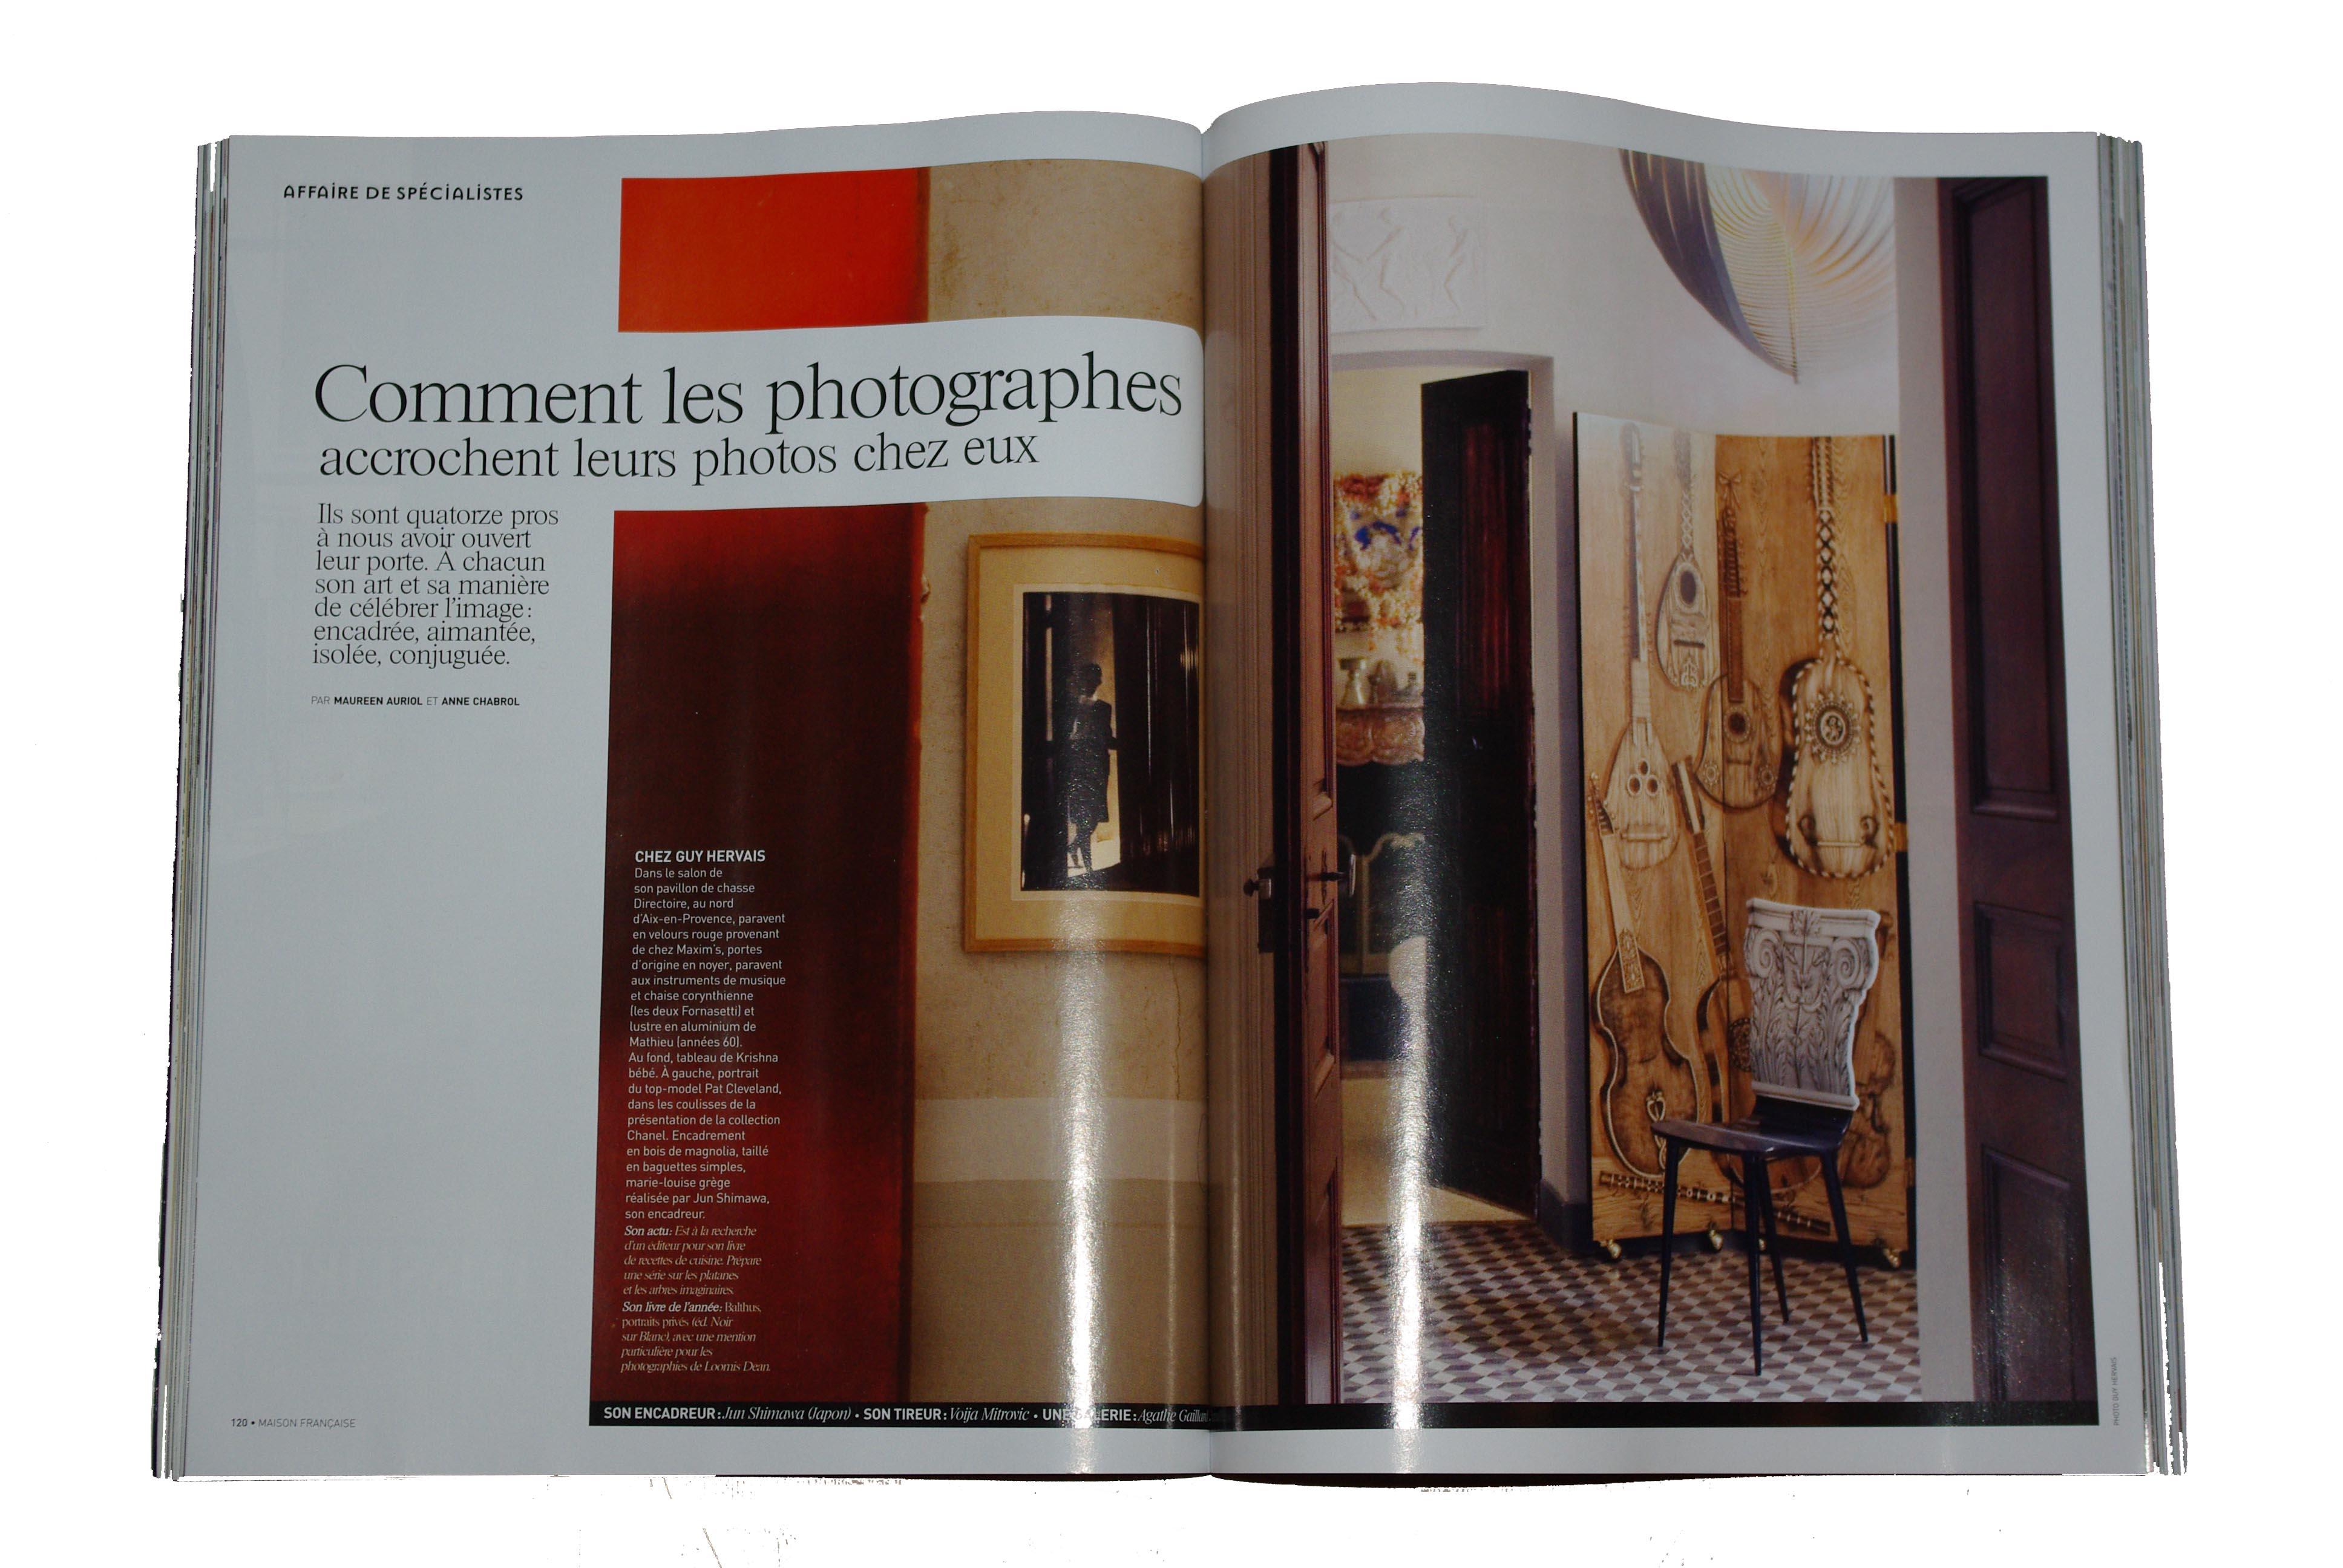 maison francaise p120 121 Comment les photographes accrochent leurs photos chez eux ?